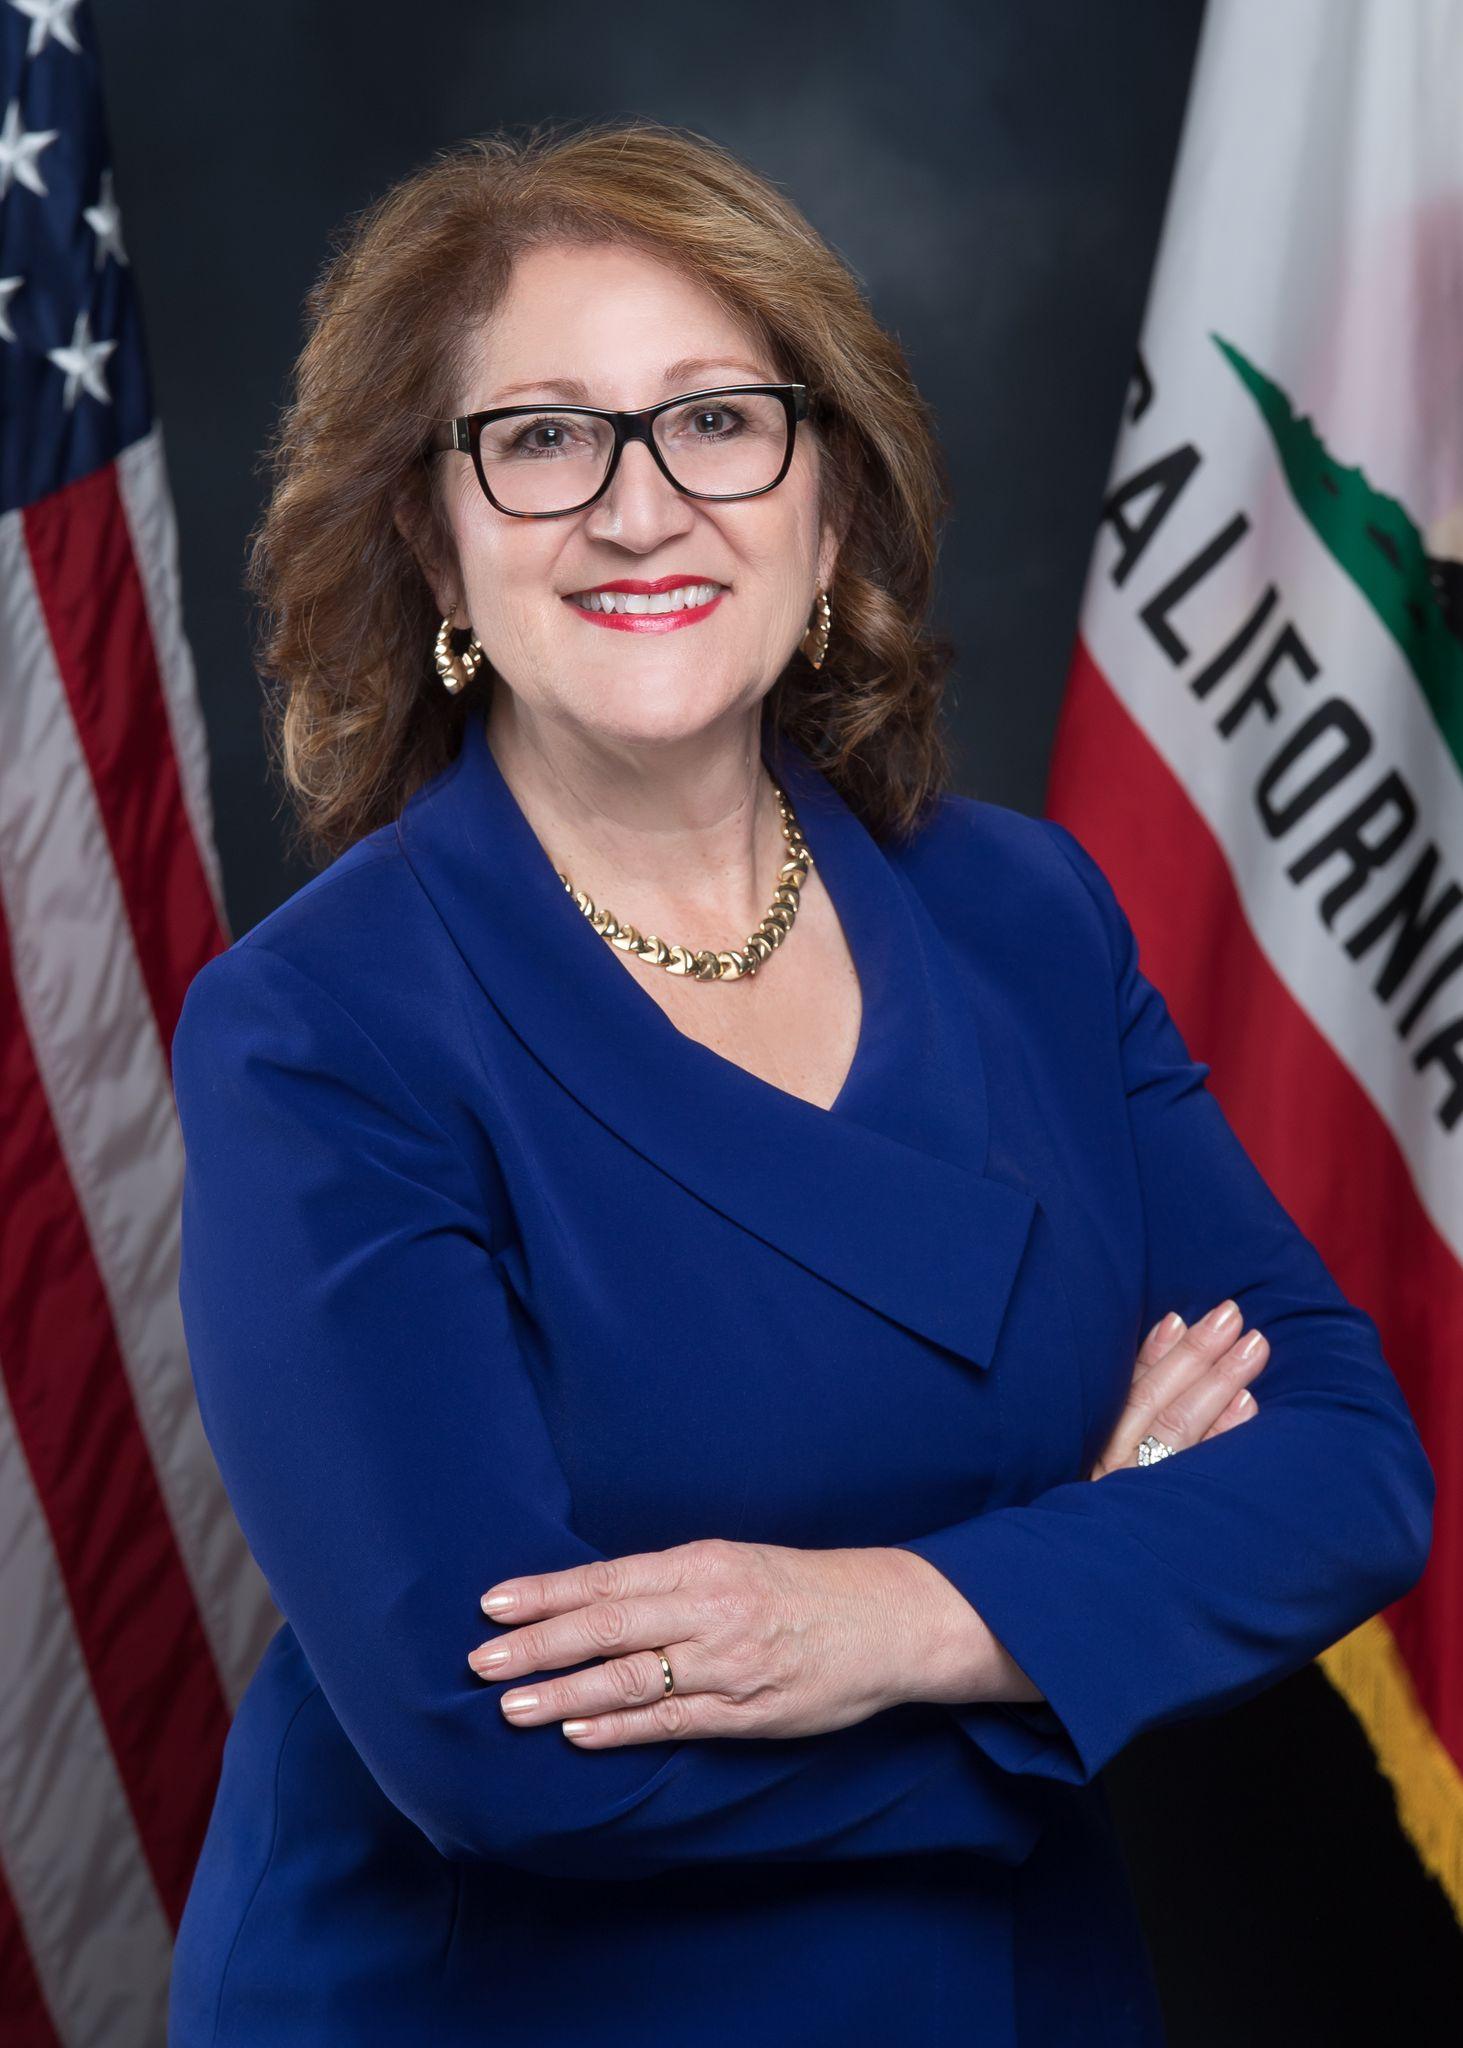 Assemblywoman Eloise Gomez Reyes